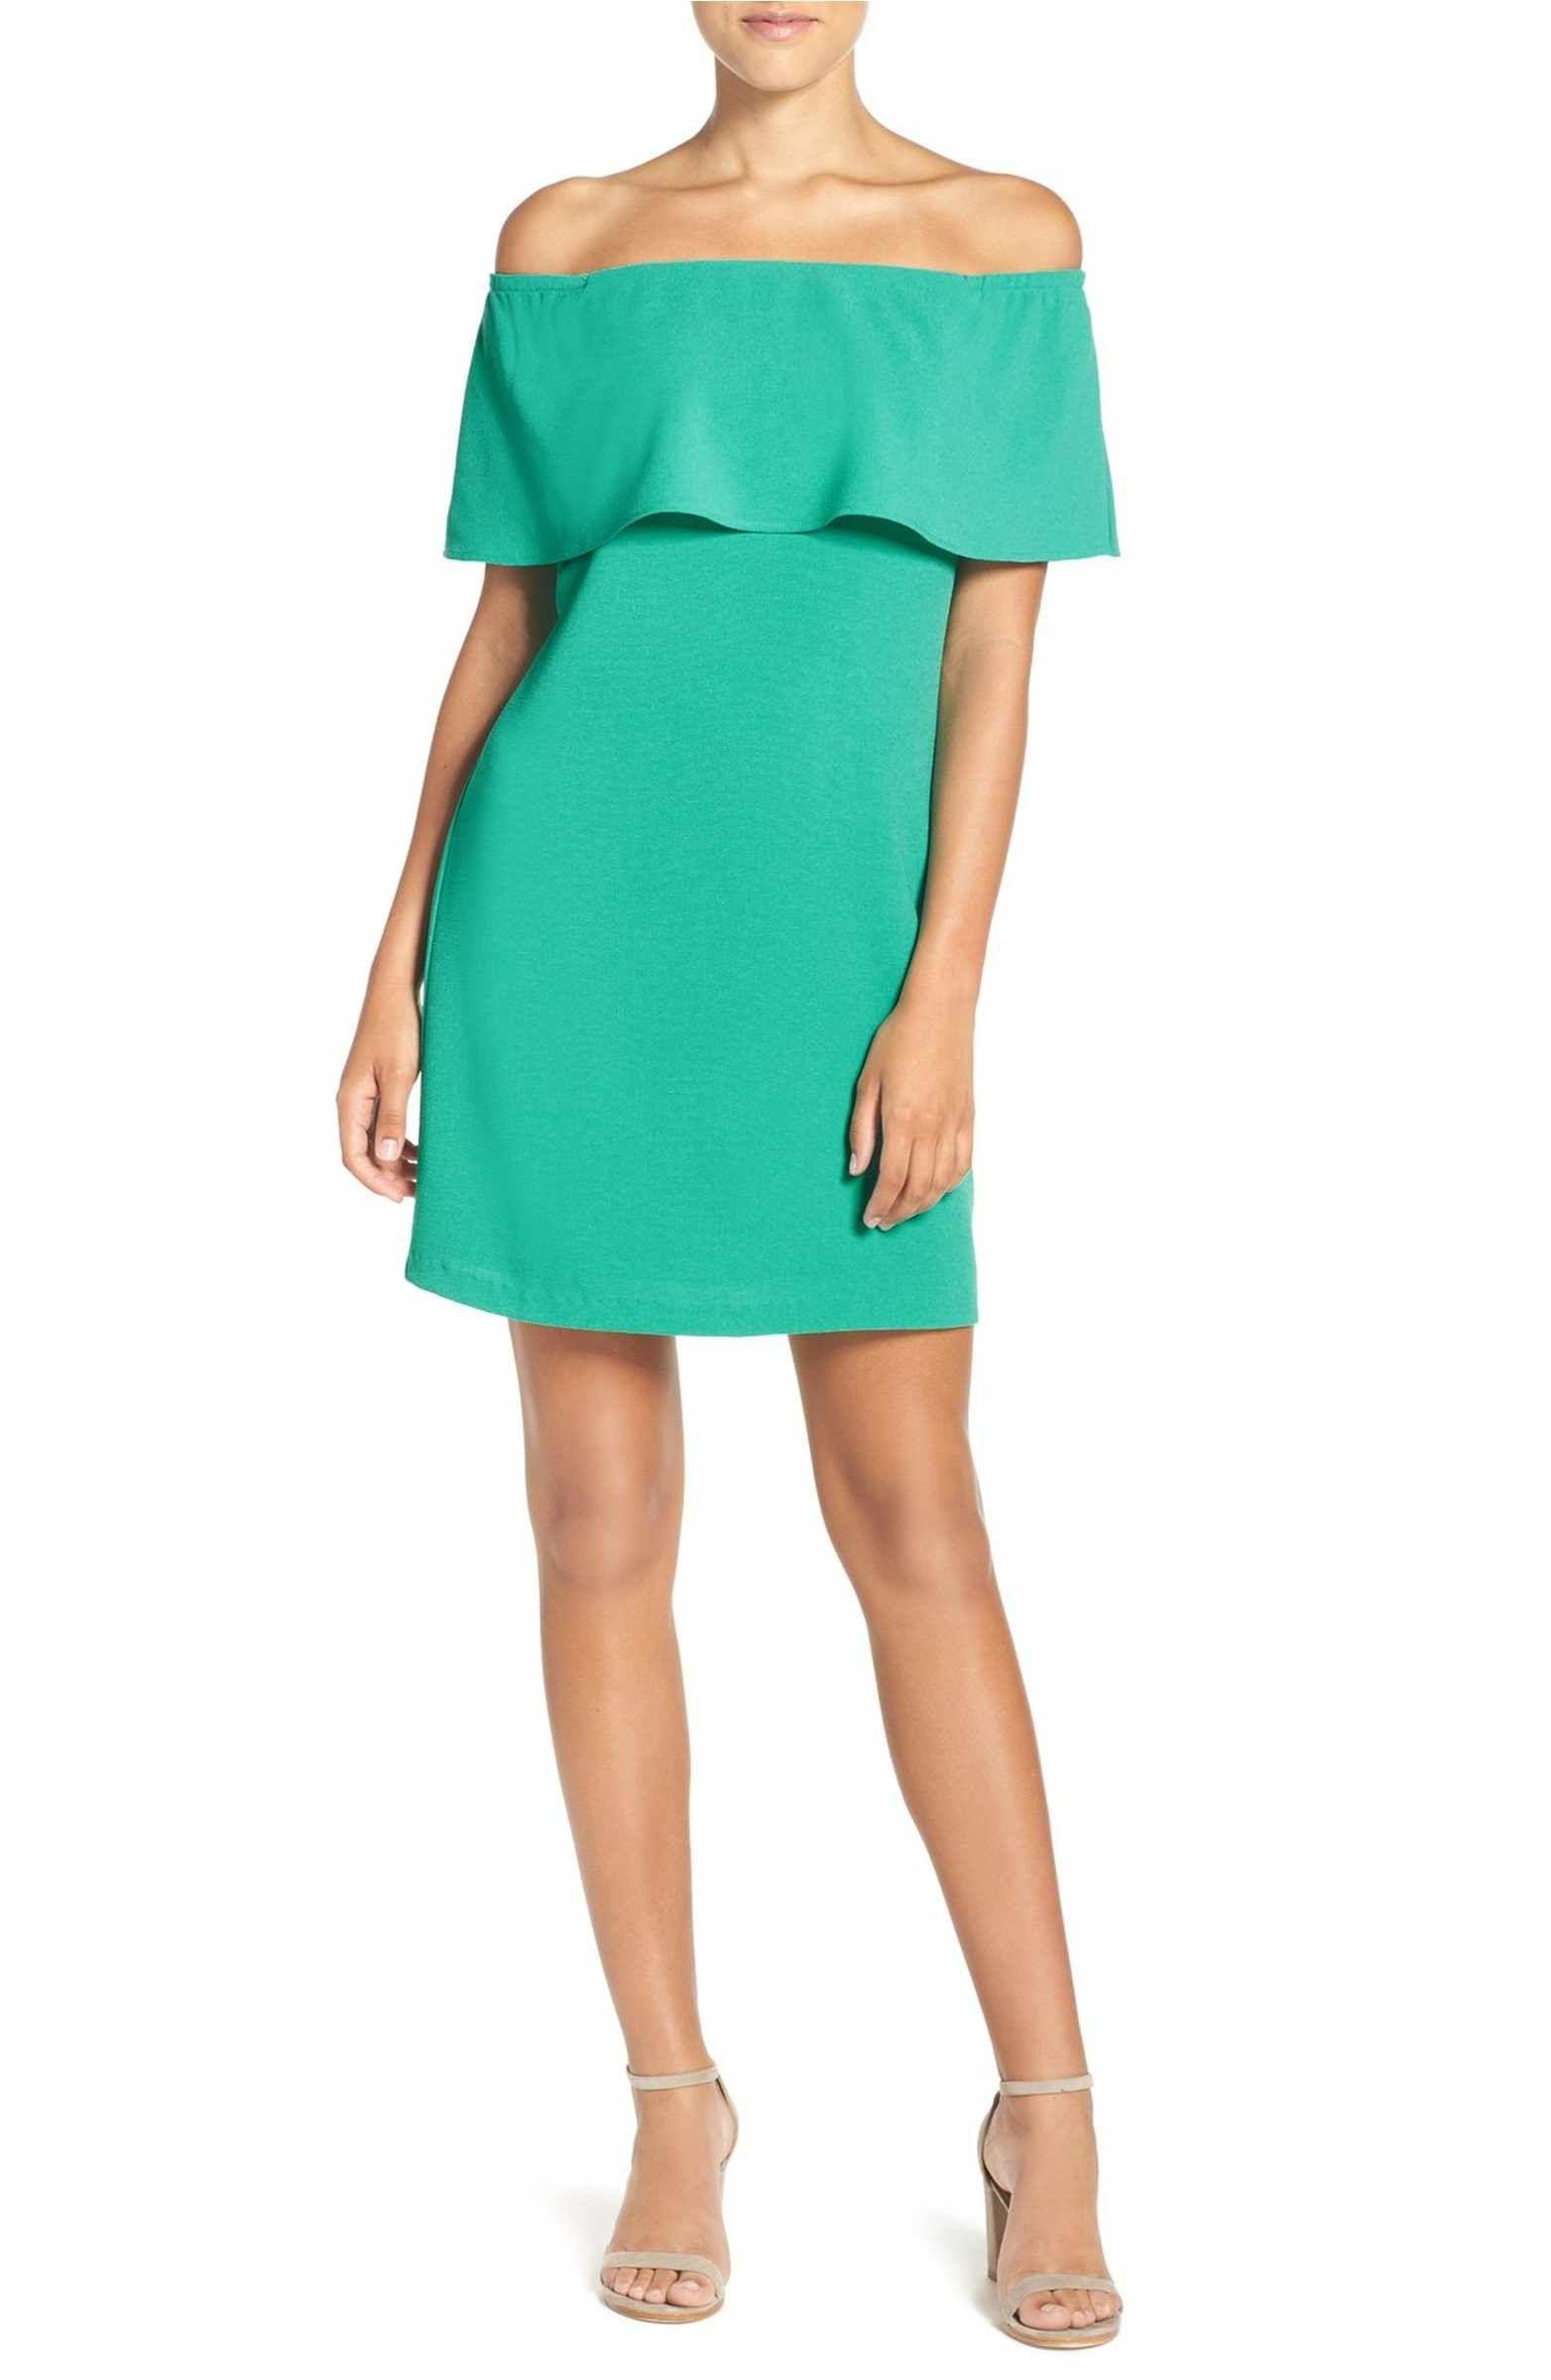 Off the Shoulder Dress | Shoulder dress, Petite and Shoulder